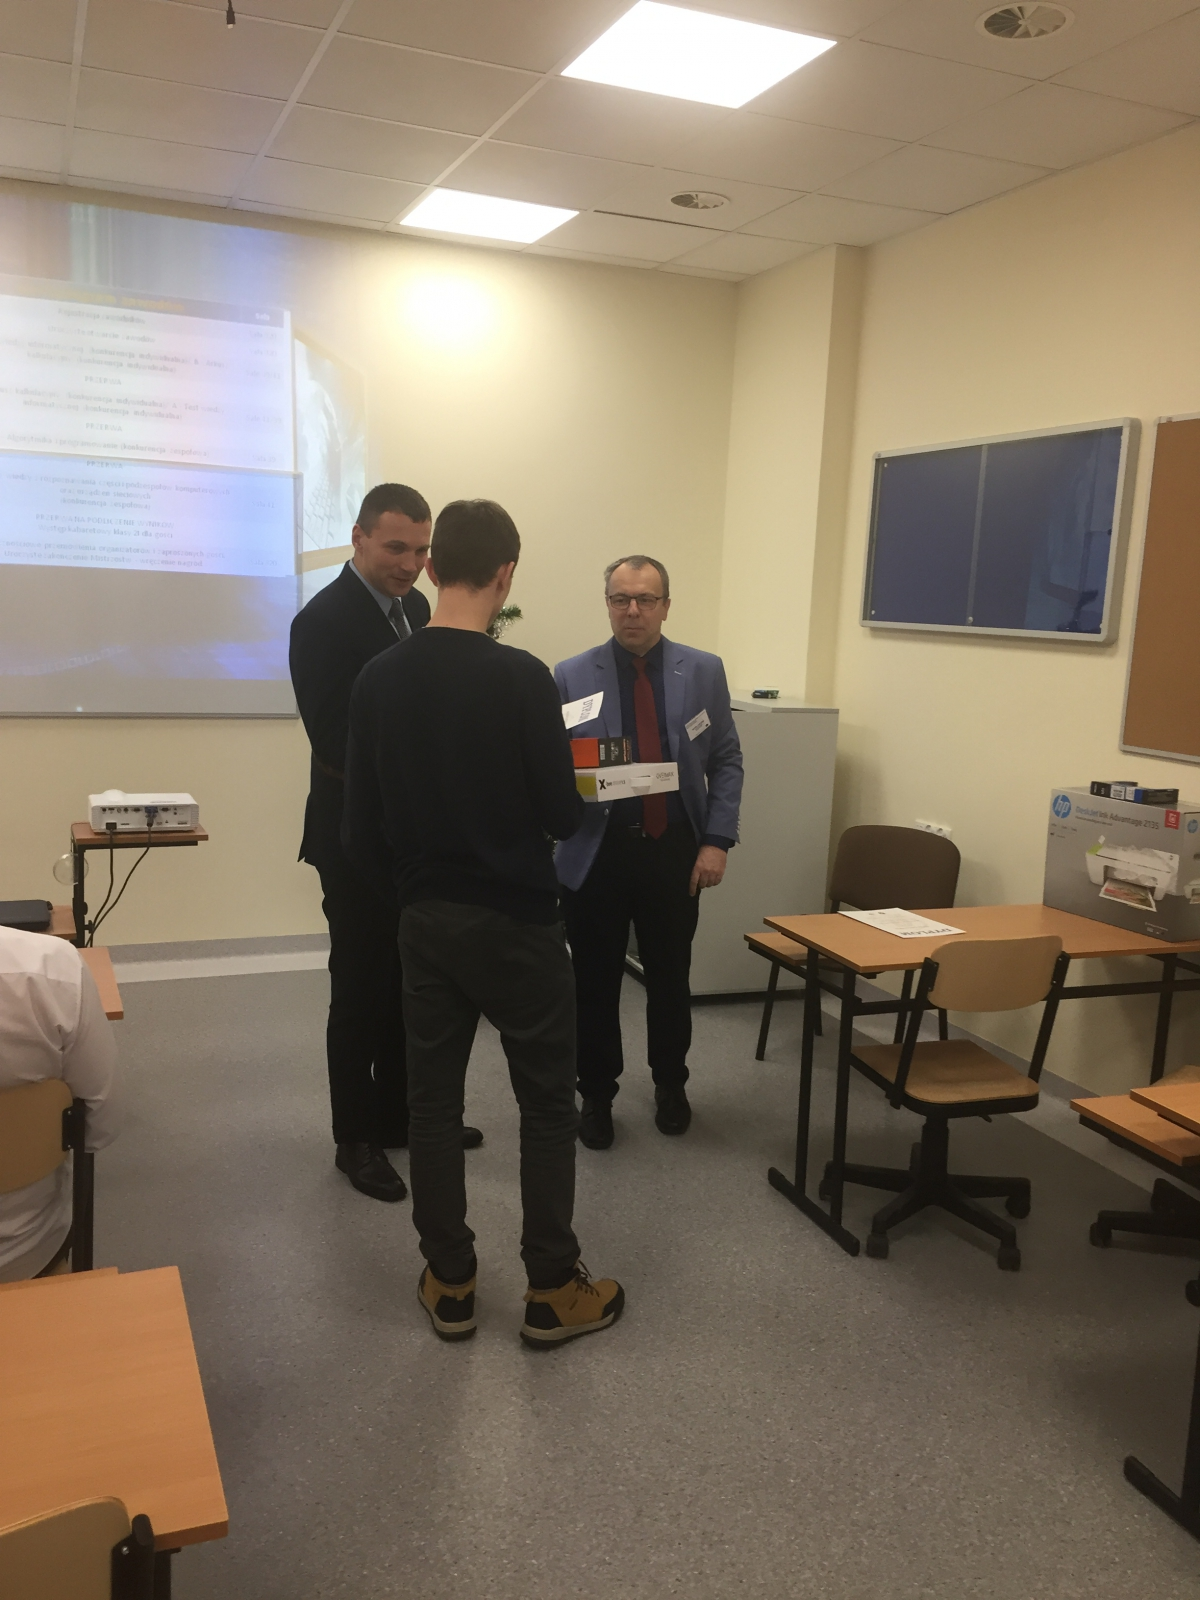 Mistrzostwa Wiedzy Komputerowej